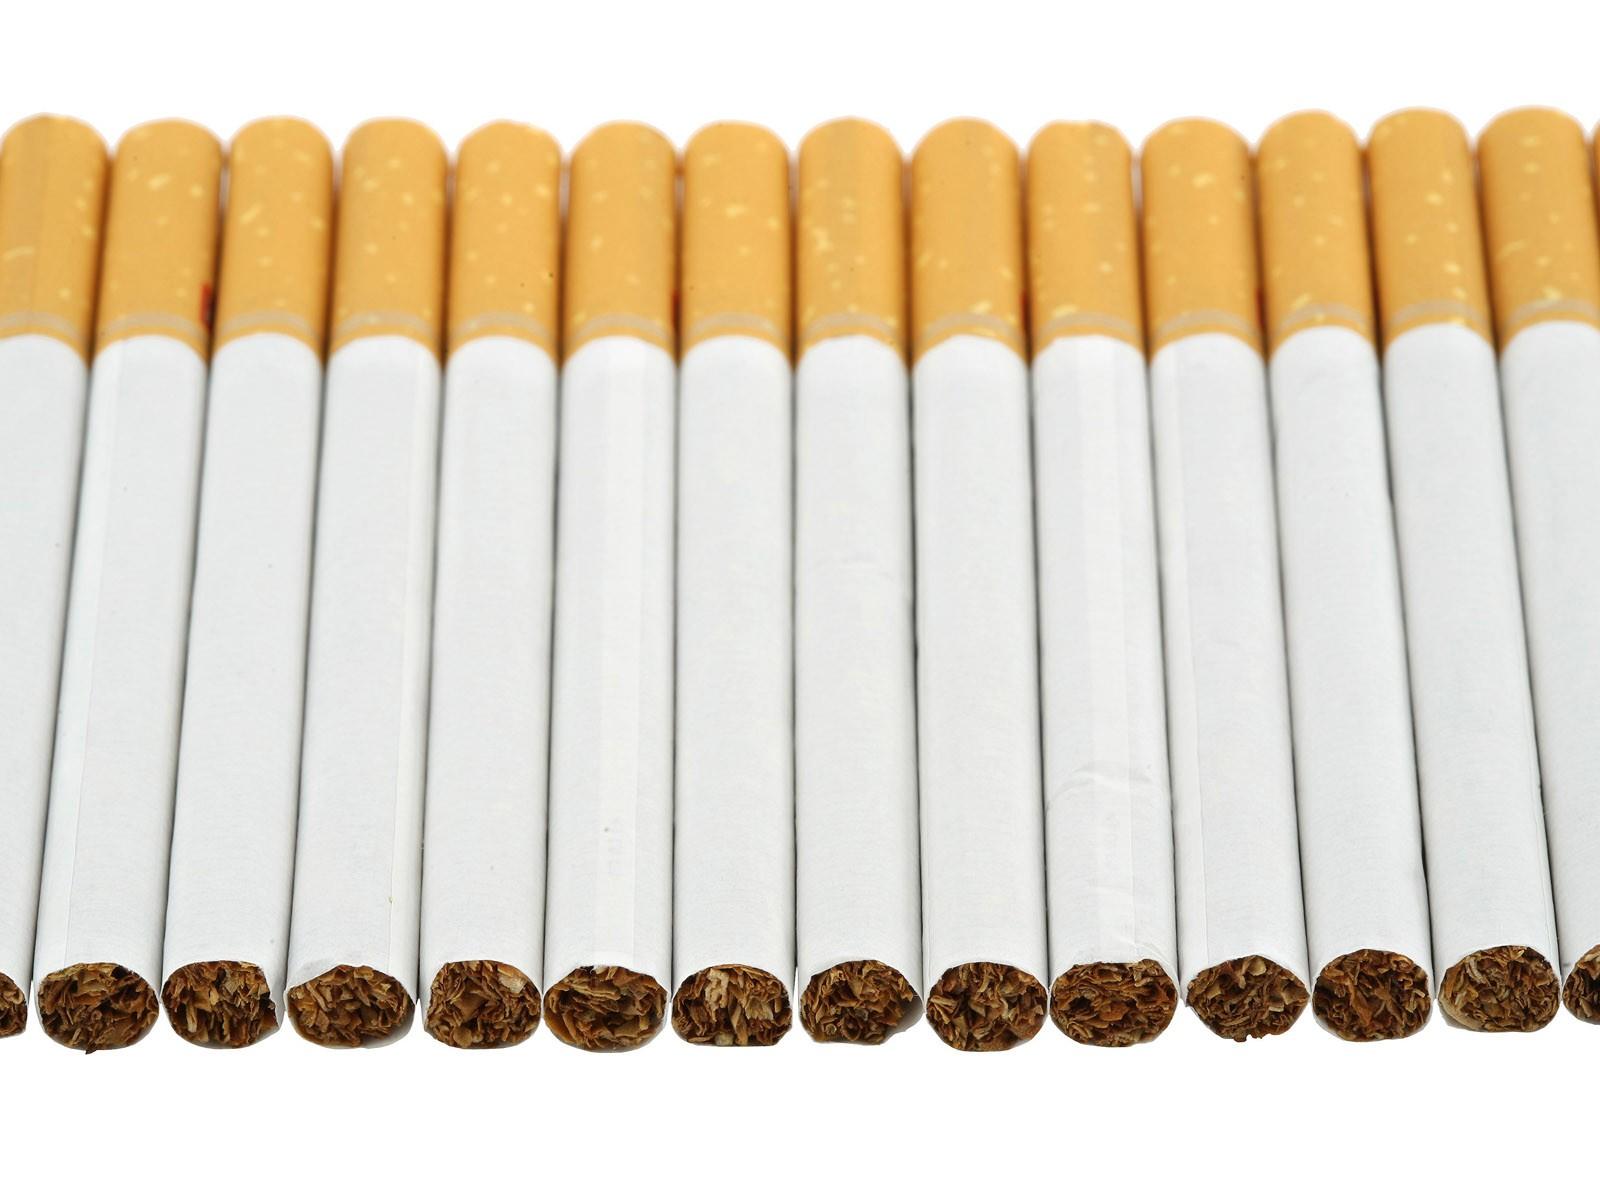 В Астрахани пограничники задержали партию сигарет из Казахстана под видом макарон